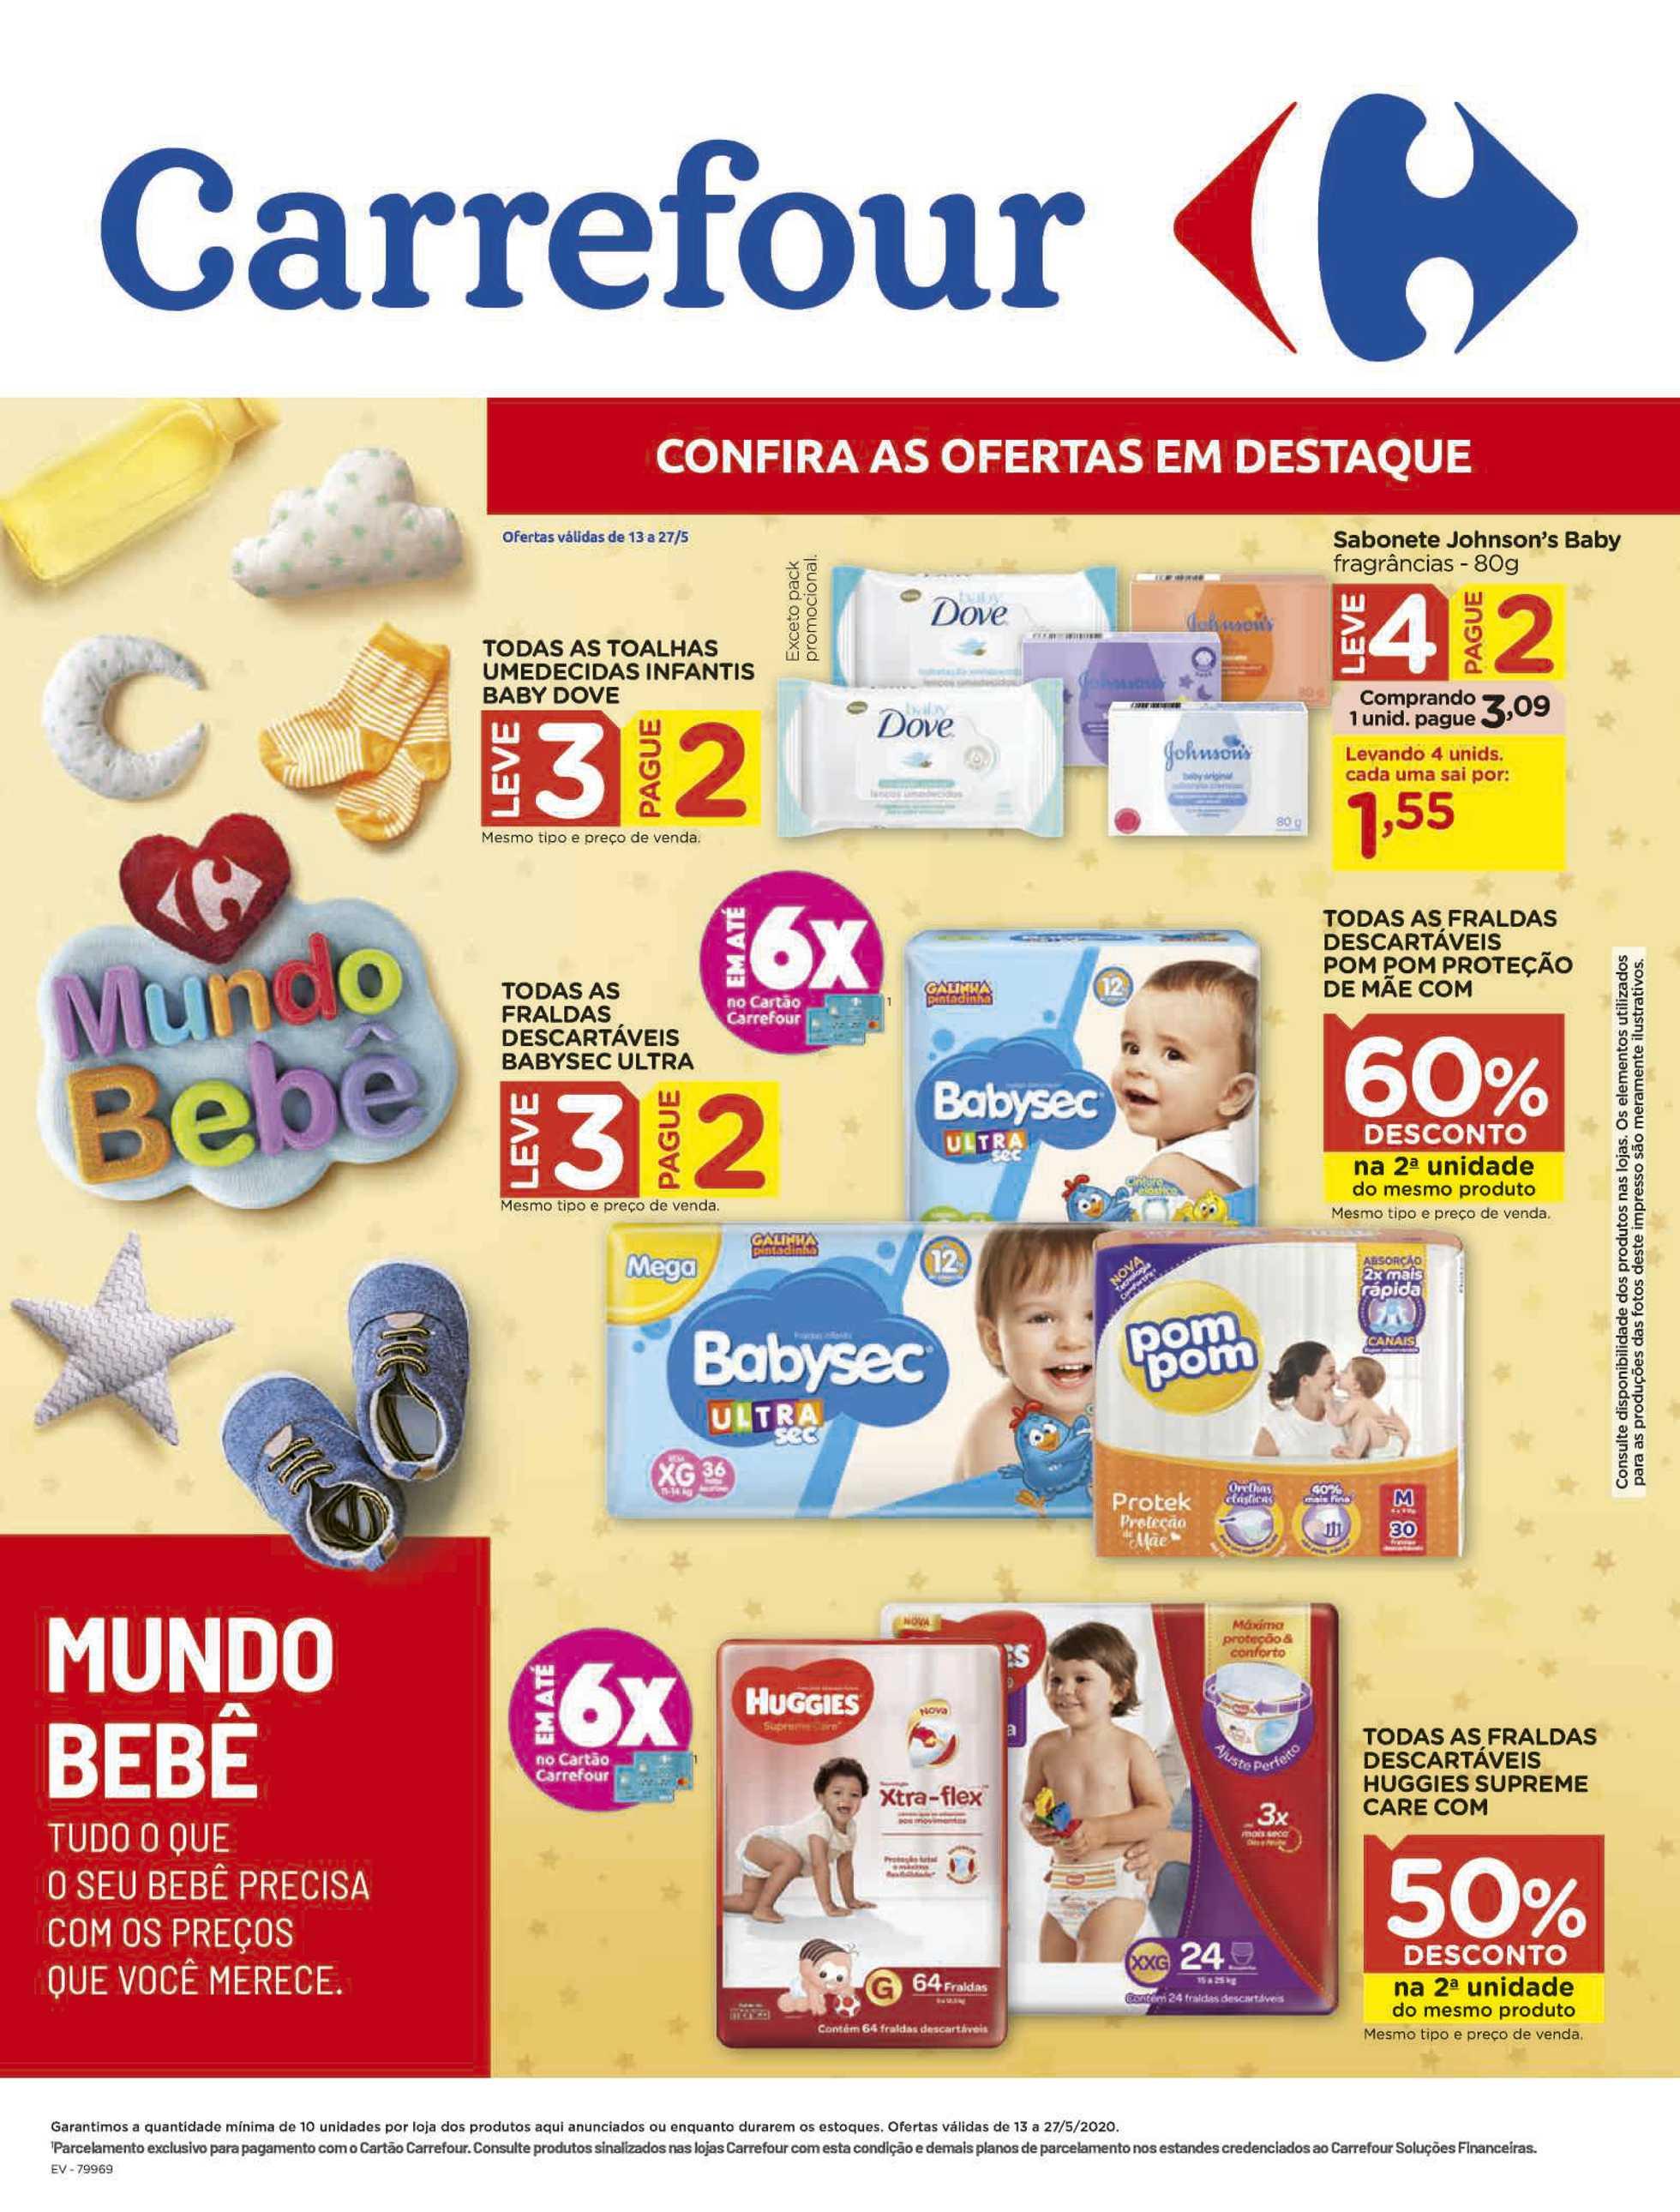 Carrefour - encarte válido desde 13.05.2020 até 27.05.2020 - página 1. Neste folheto você poder encontrar estandes, fraldas, galinha, galinha, fraldas, estandes